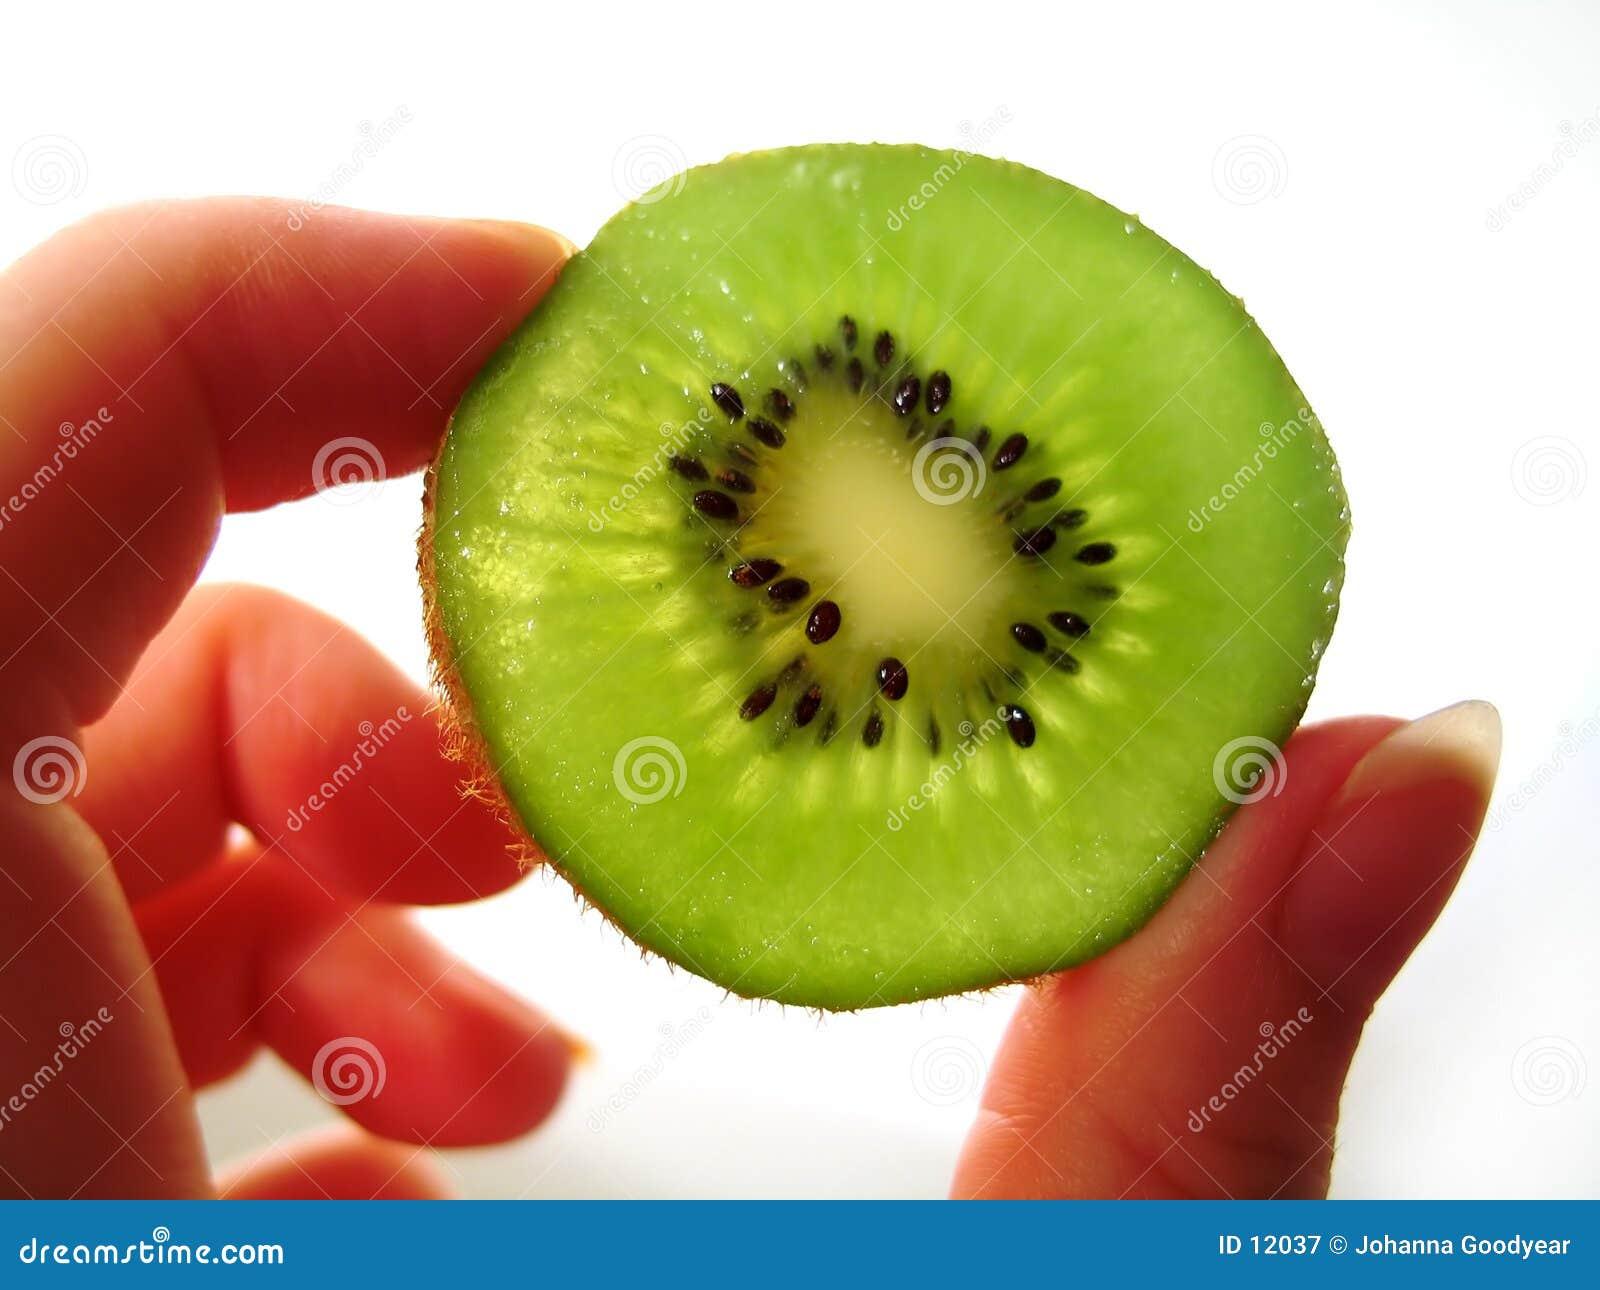 Plak I van de kiwi